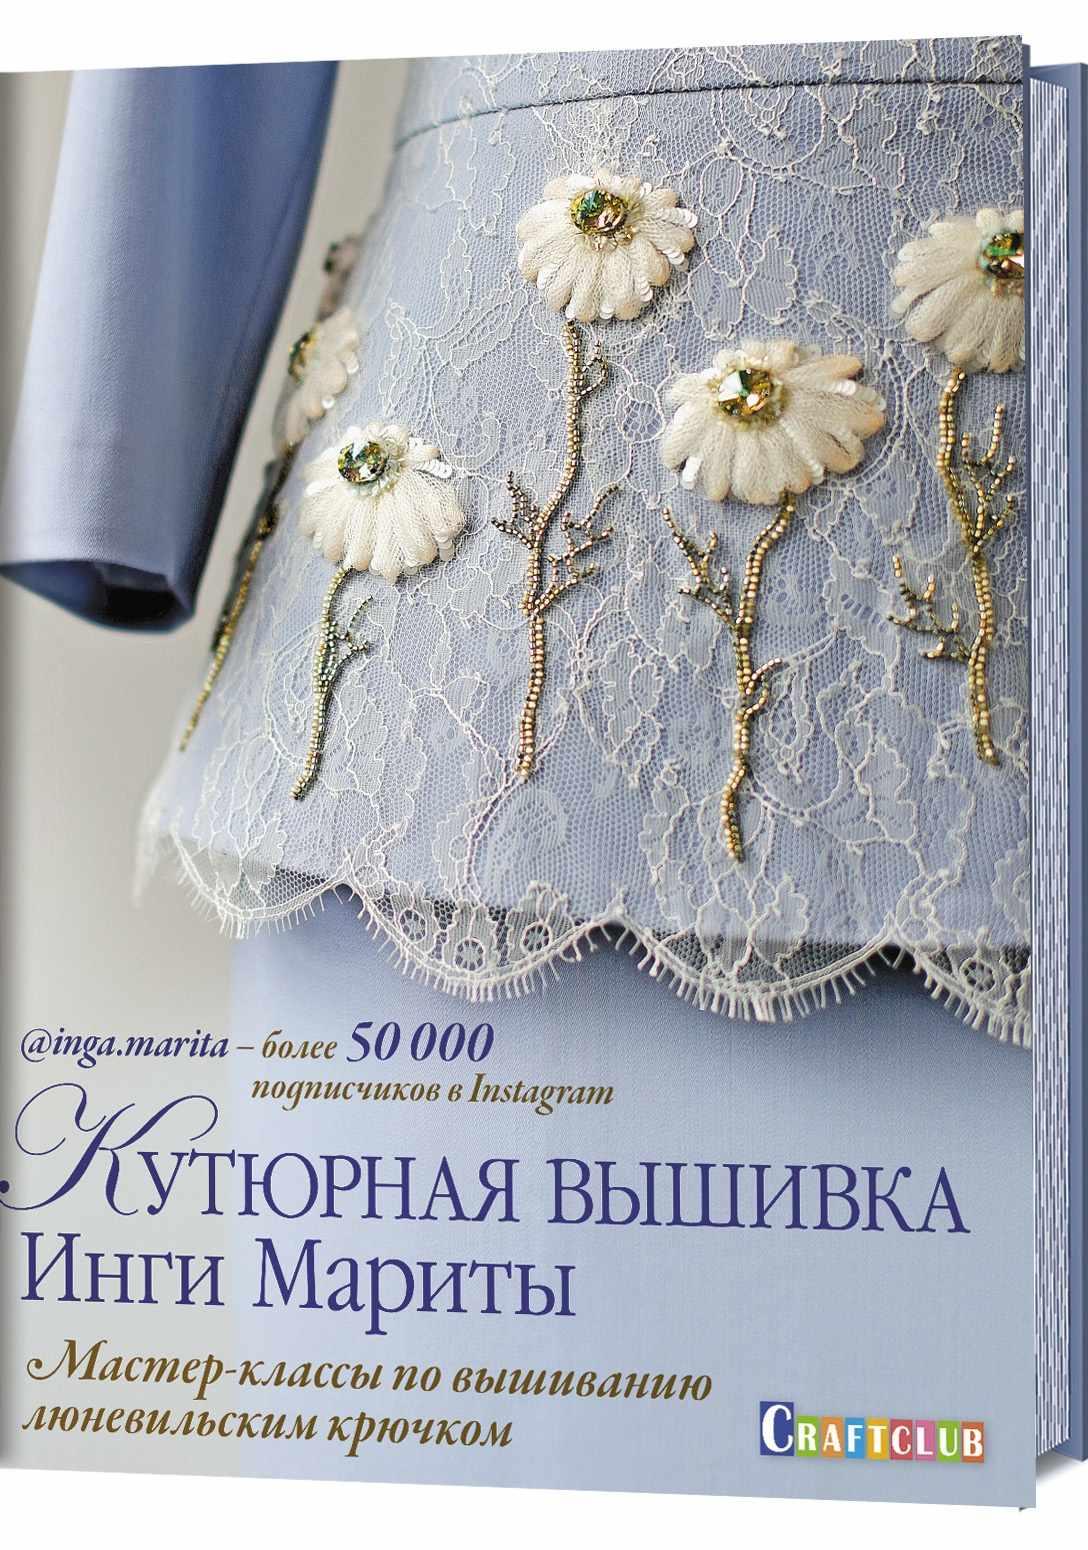 Кутюрная вышивка Инги Мариты. Мастер-классы по вышиванию люневильским крючком